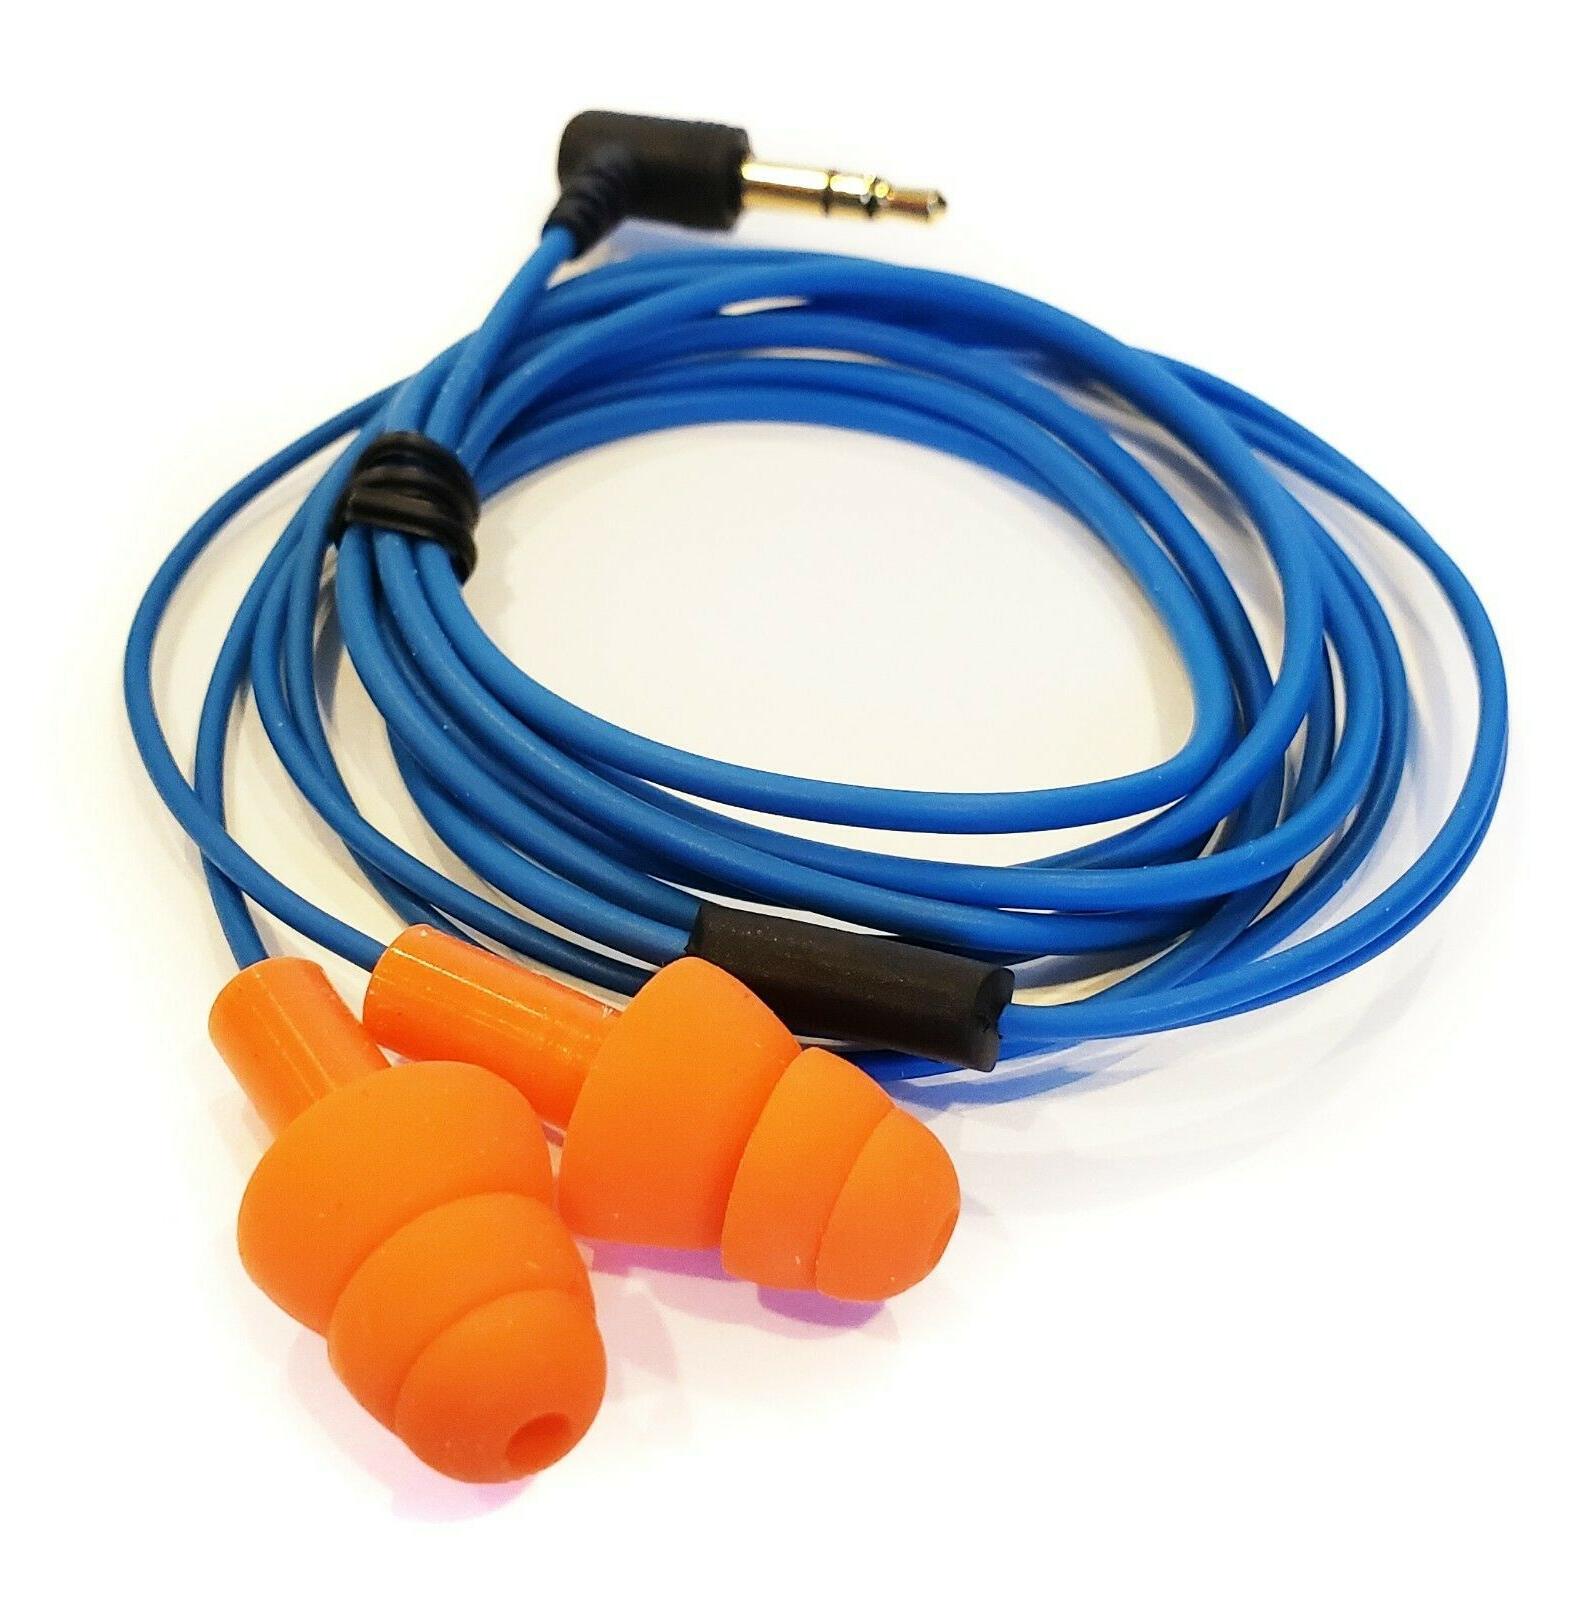 wired earplug earphones noise isolating satisfaction guarant